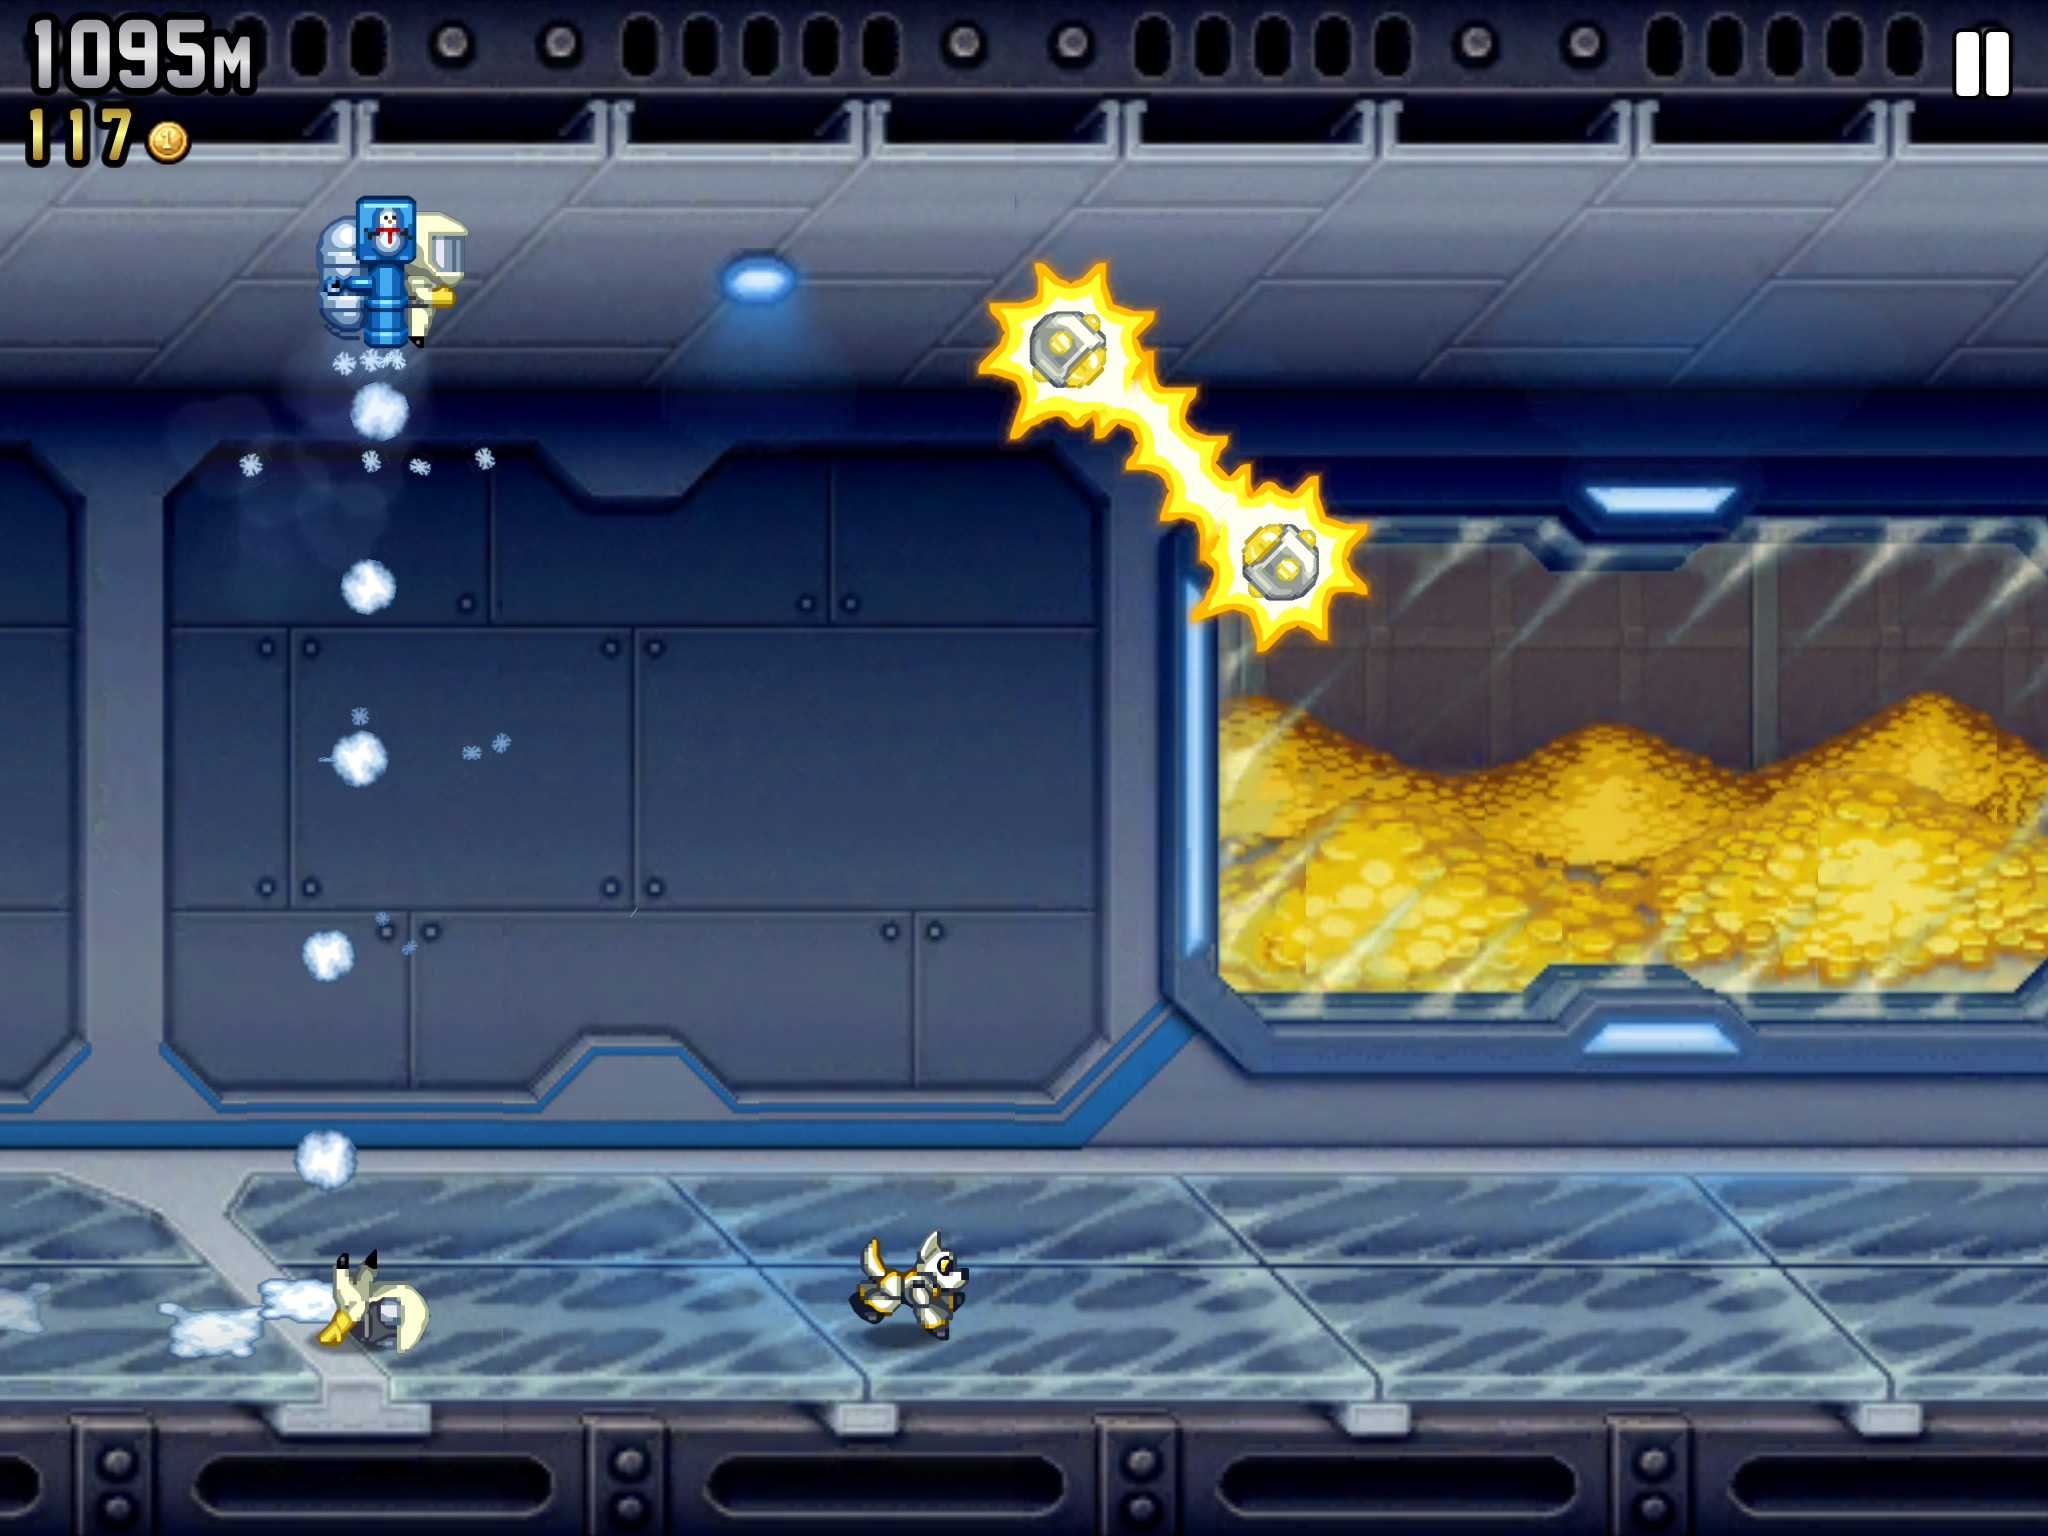 Игры для андроид jetpack joyride